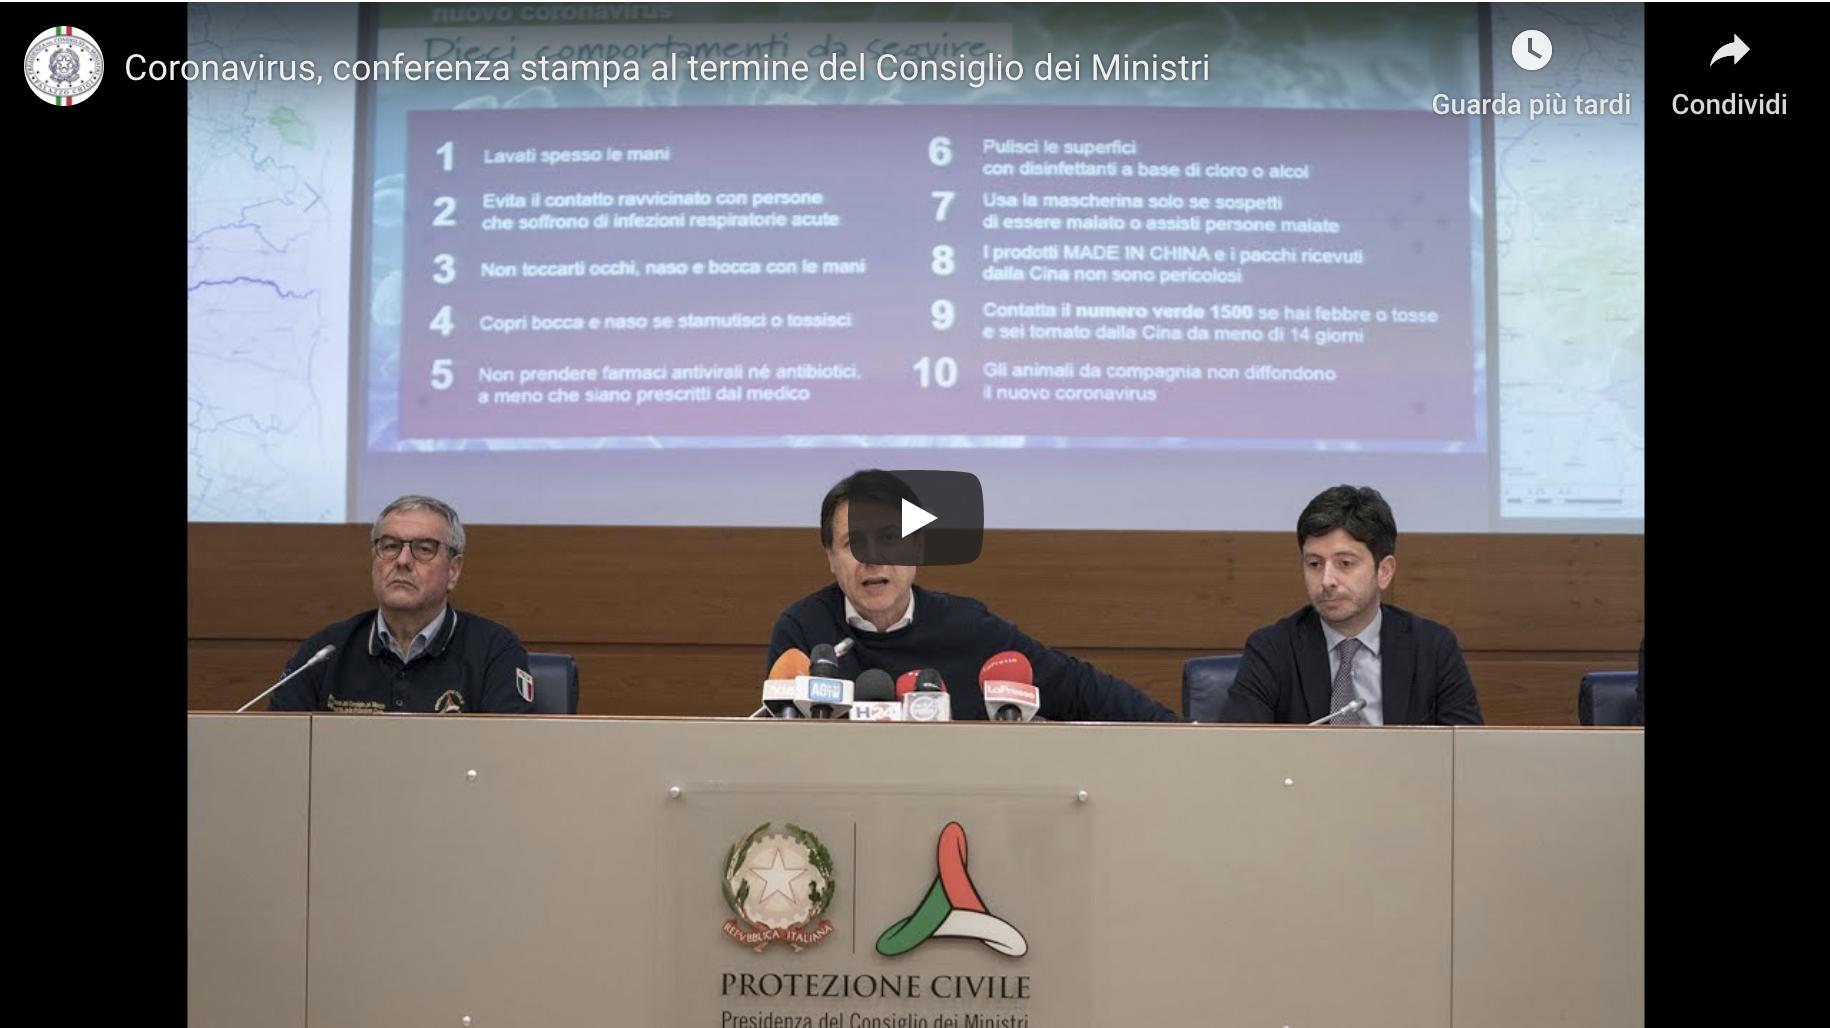 CONTE: Un decreto legge per fronteggiare l'epidemia